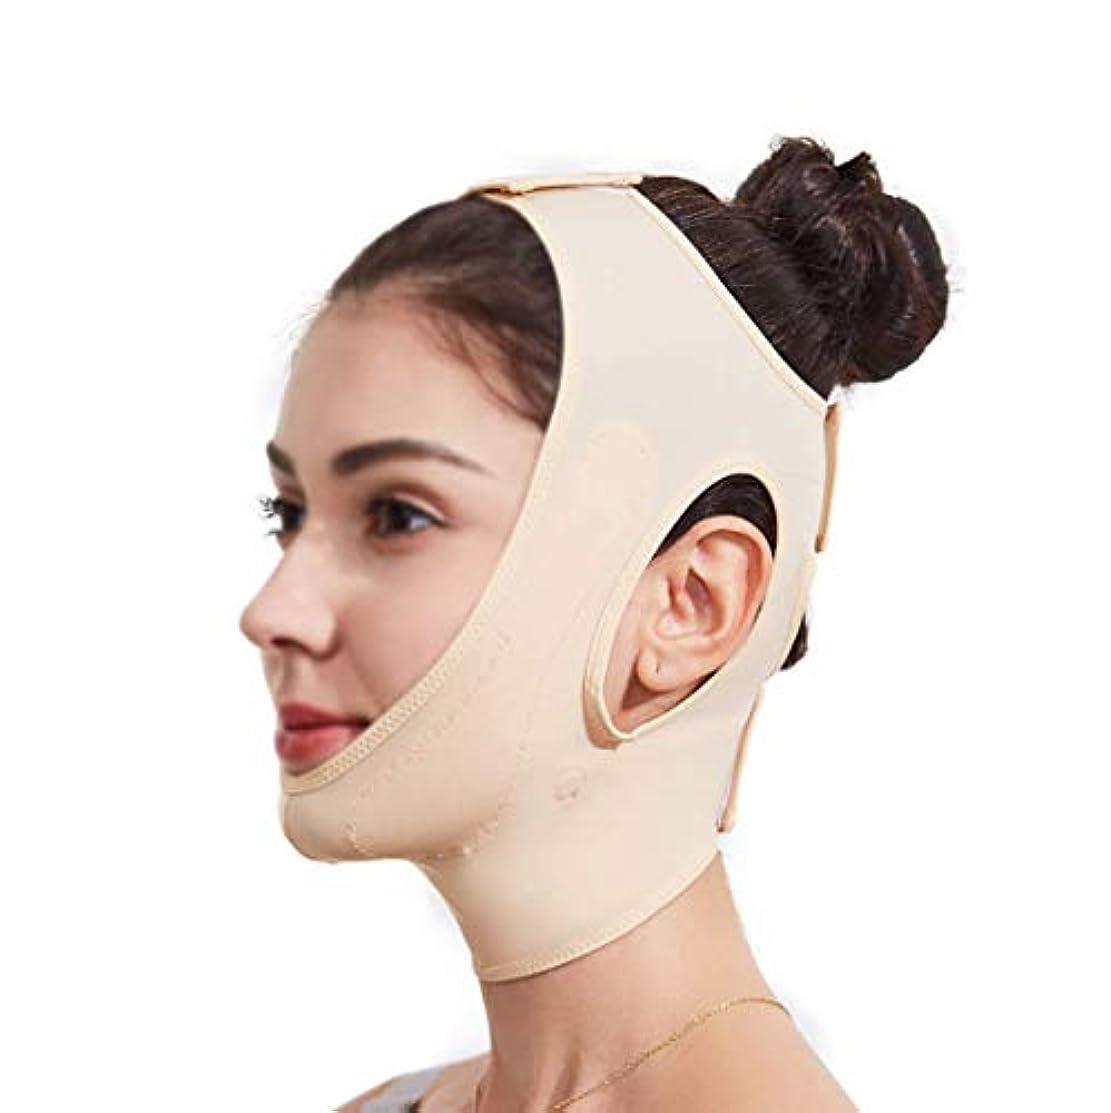 ミシン目ウナギグループフェイスリフティングマスク、360°オールラウンドリフティングフェイシャルコンター、あごを閉じて肌を引き締め、快適でフェイスライトをサポートし、通気性を保ちます(サイズ:ブラック),肌の色